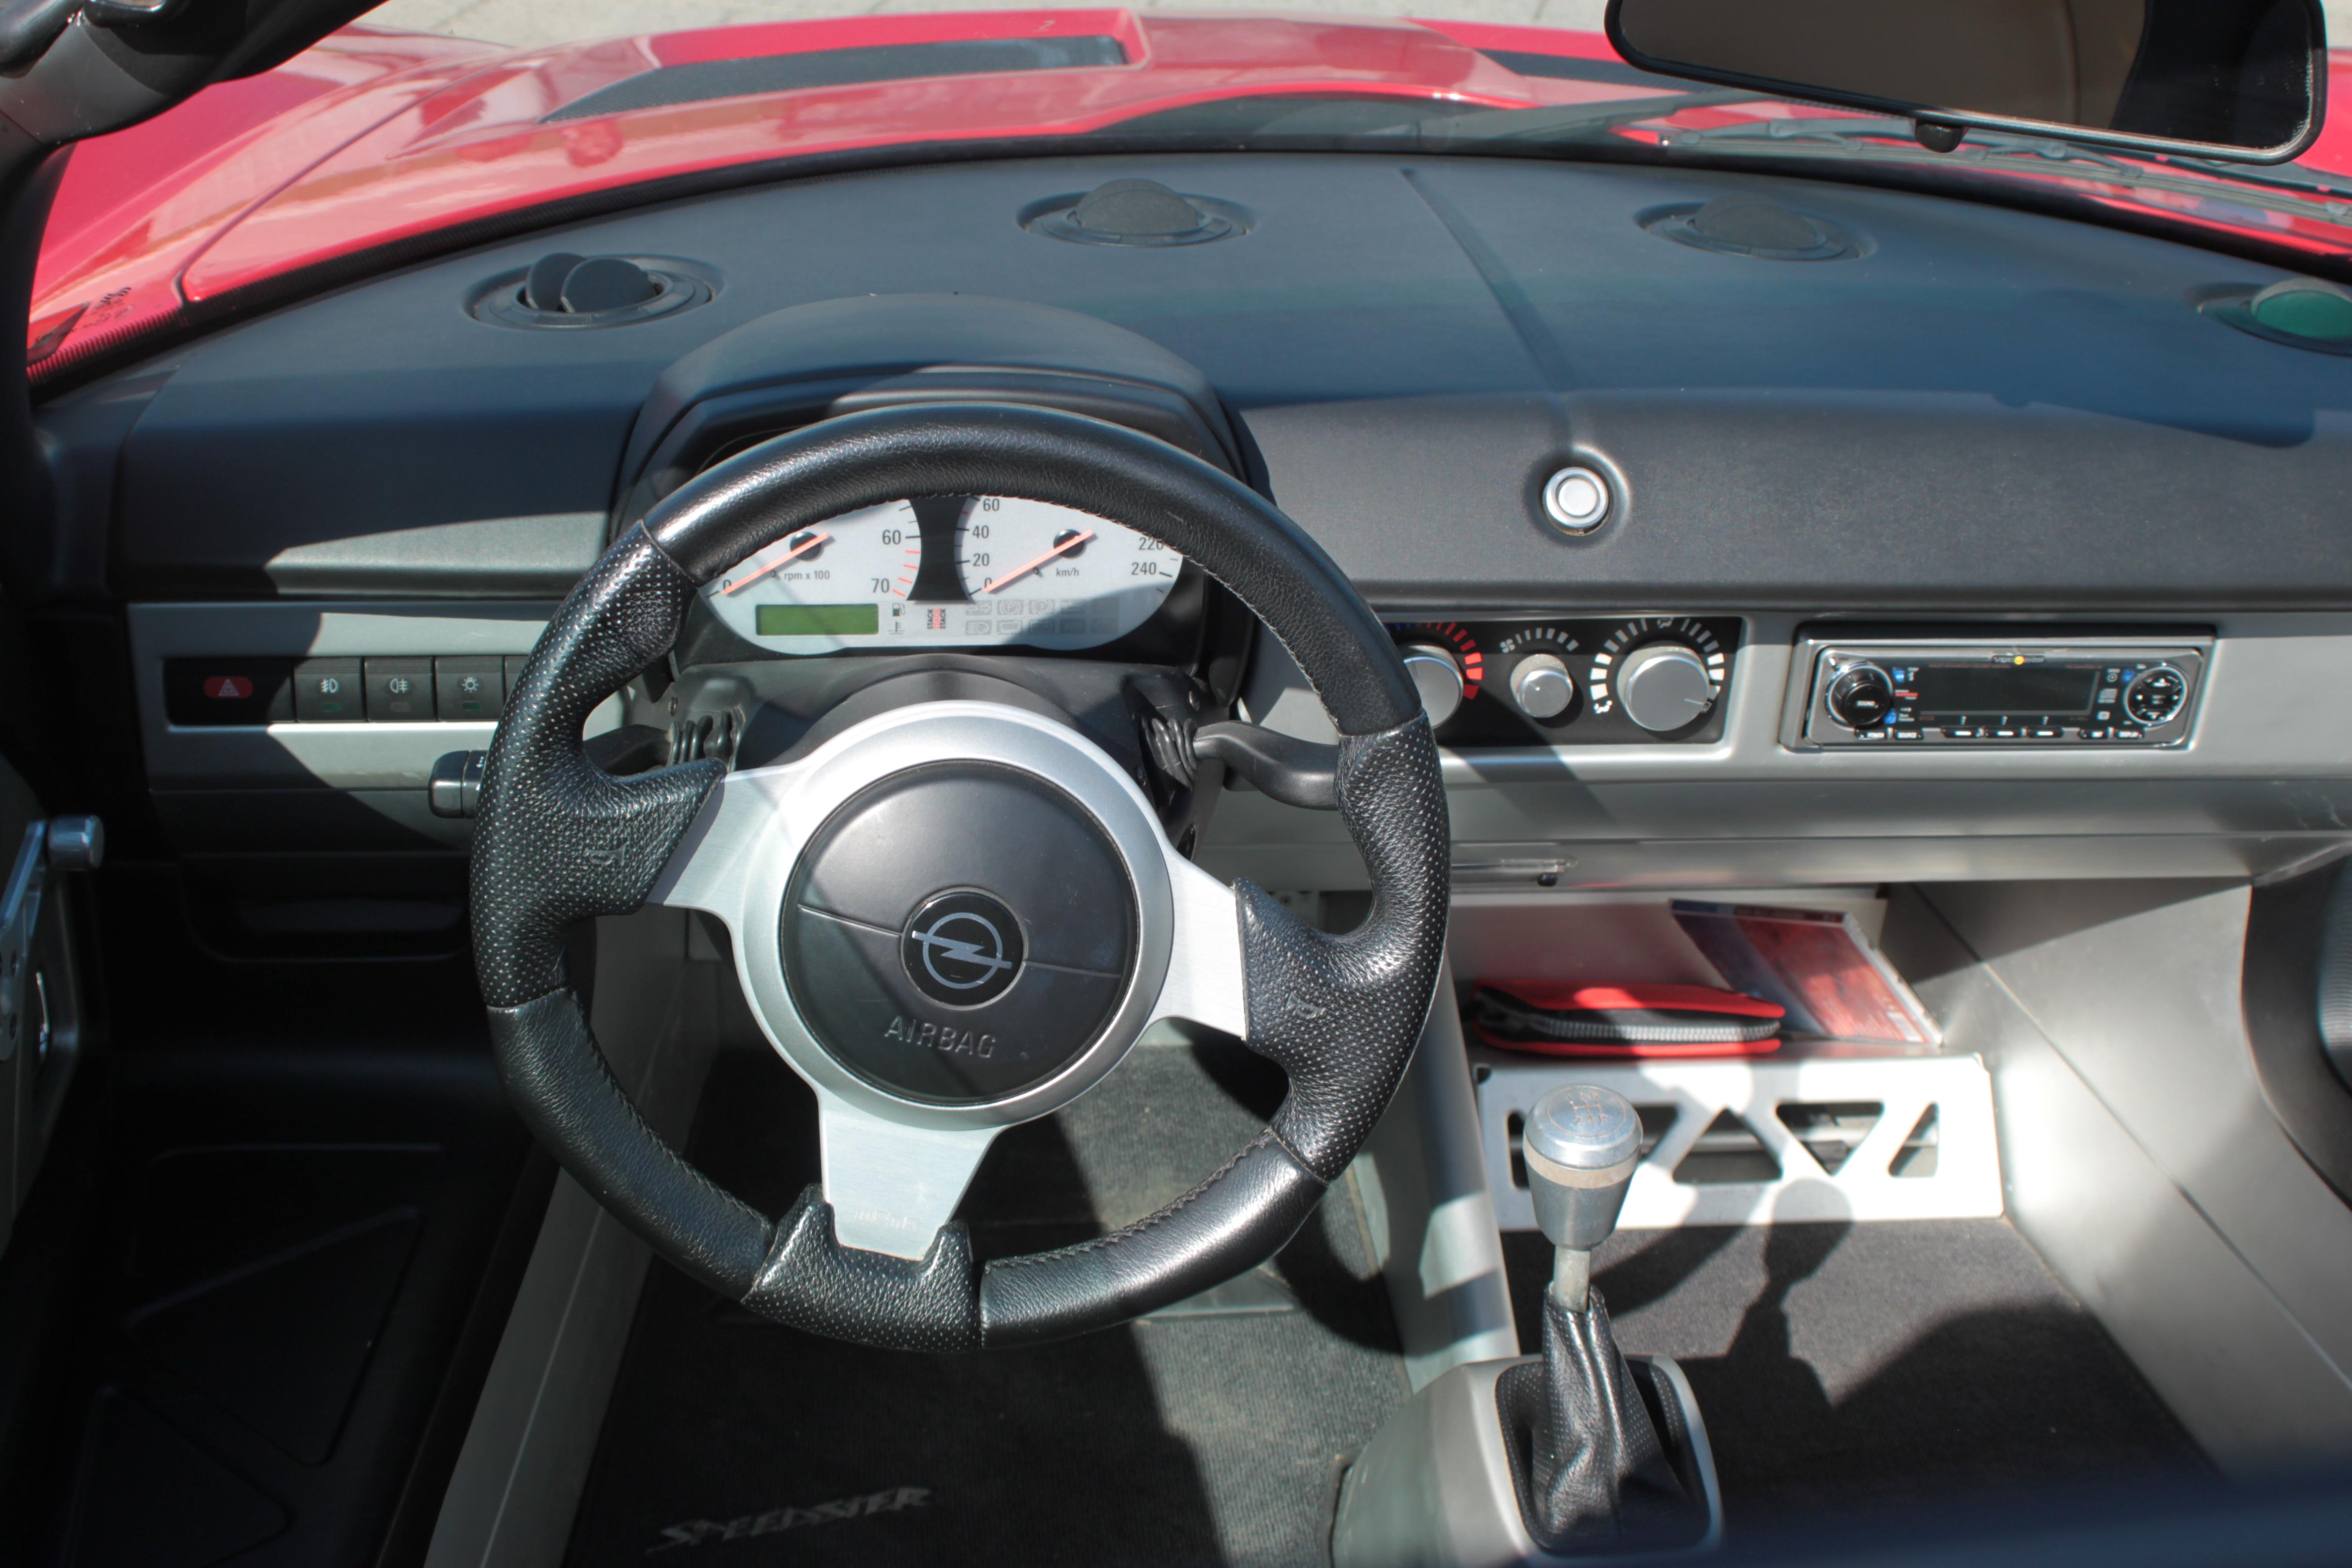 2001 - 2005 Opel Speedster Review - Top Speed